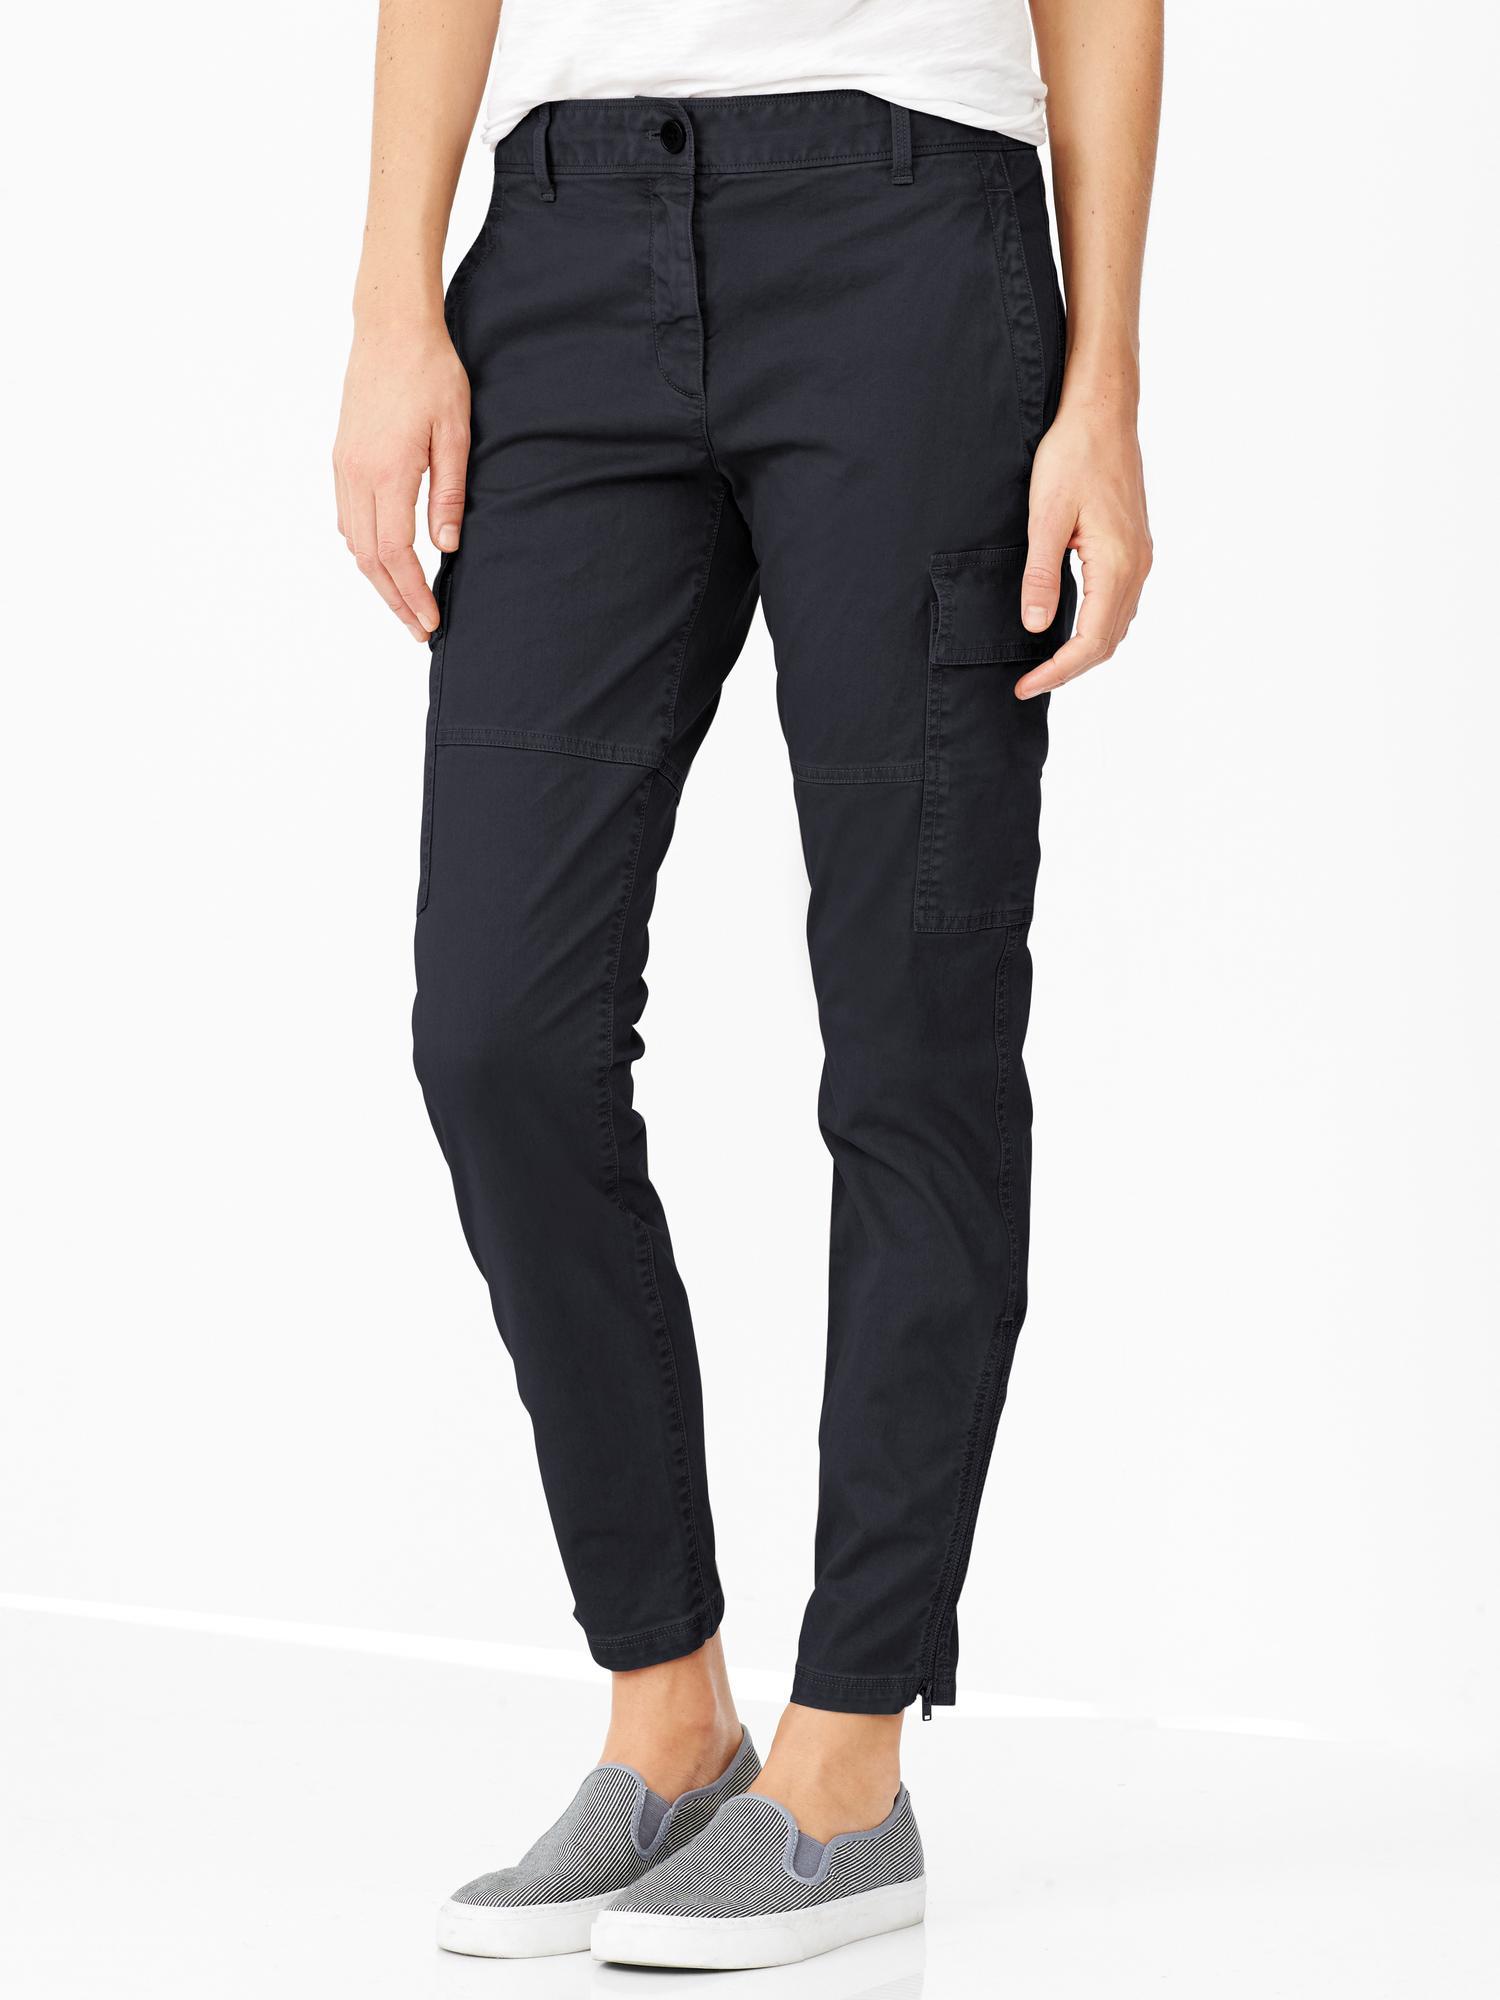 23 brilliant Cargo Pants Women Gap – playzoa.com